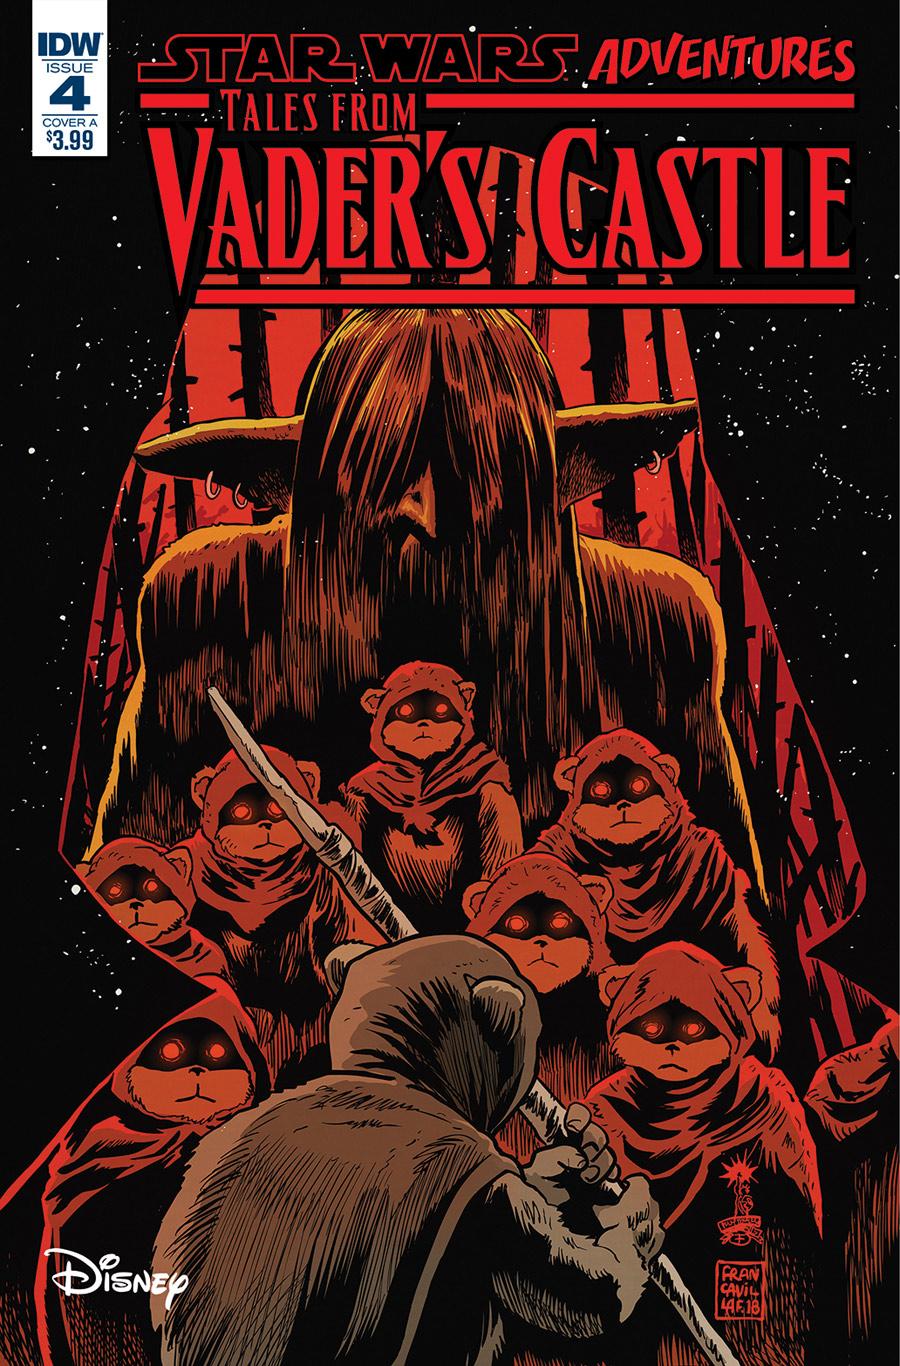 vader-castle-covera07.jpg